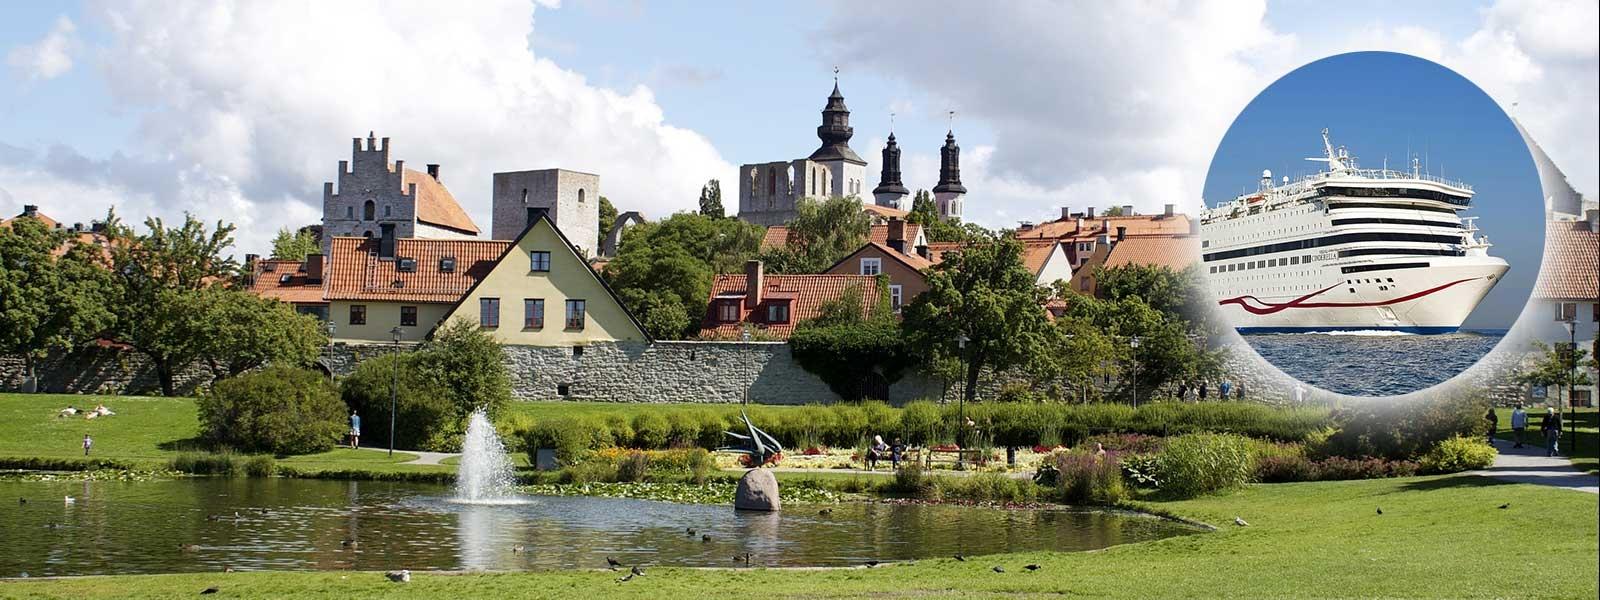 Kryssning till Visby med Cinderella